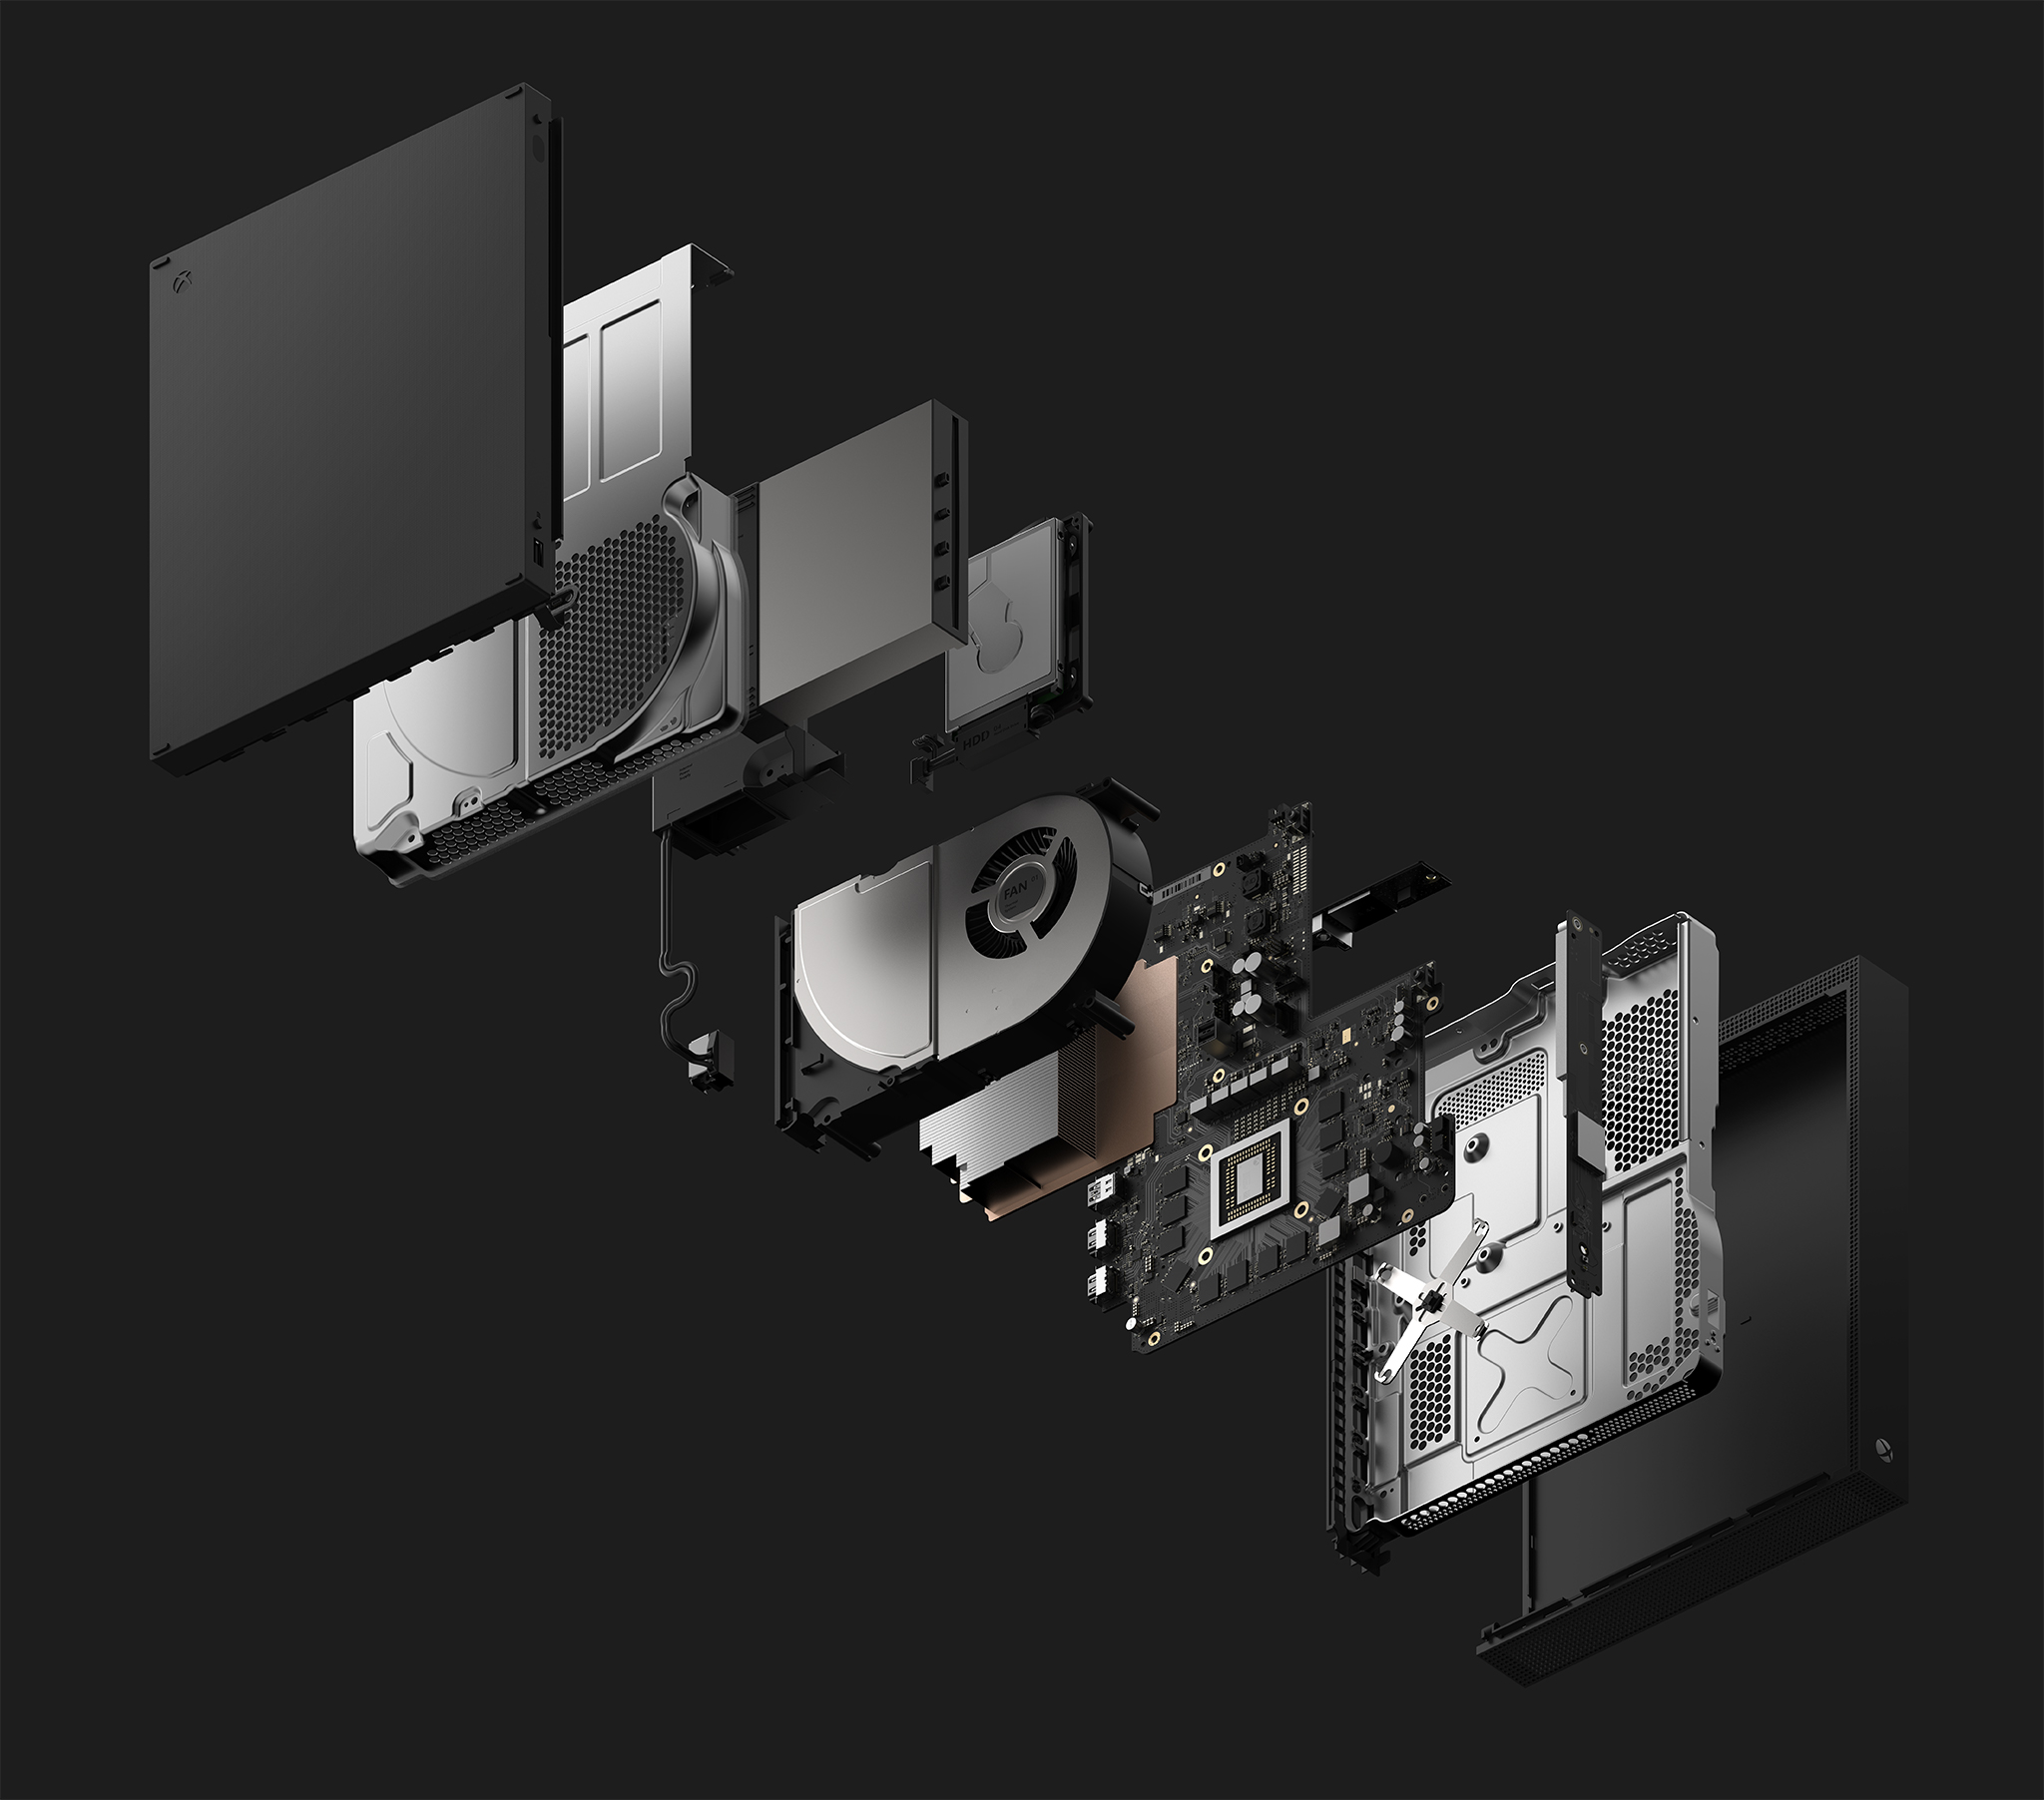 Xbox One X Das Innenleben Der Leistungsstärksten Konsole Im Video